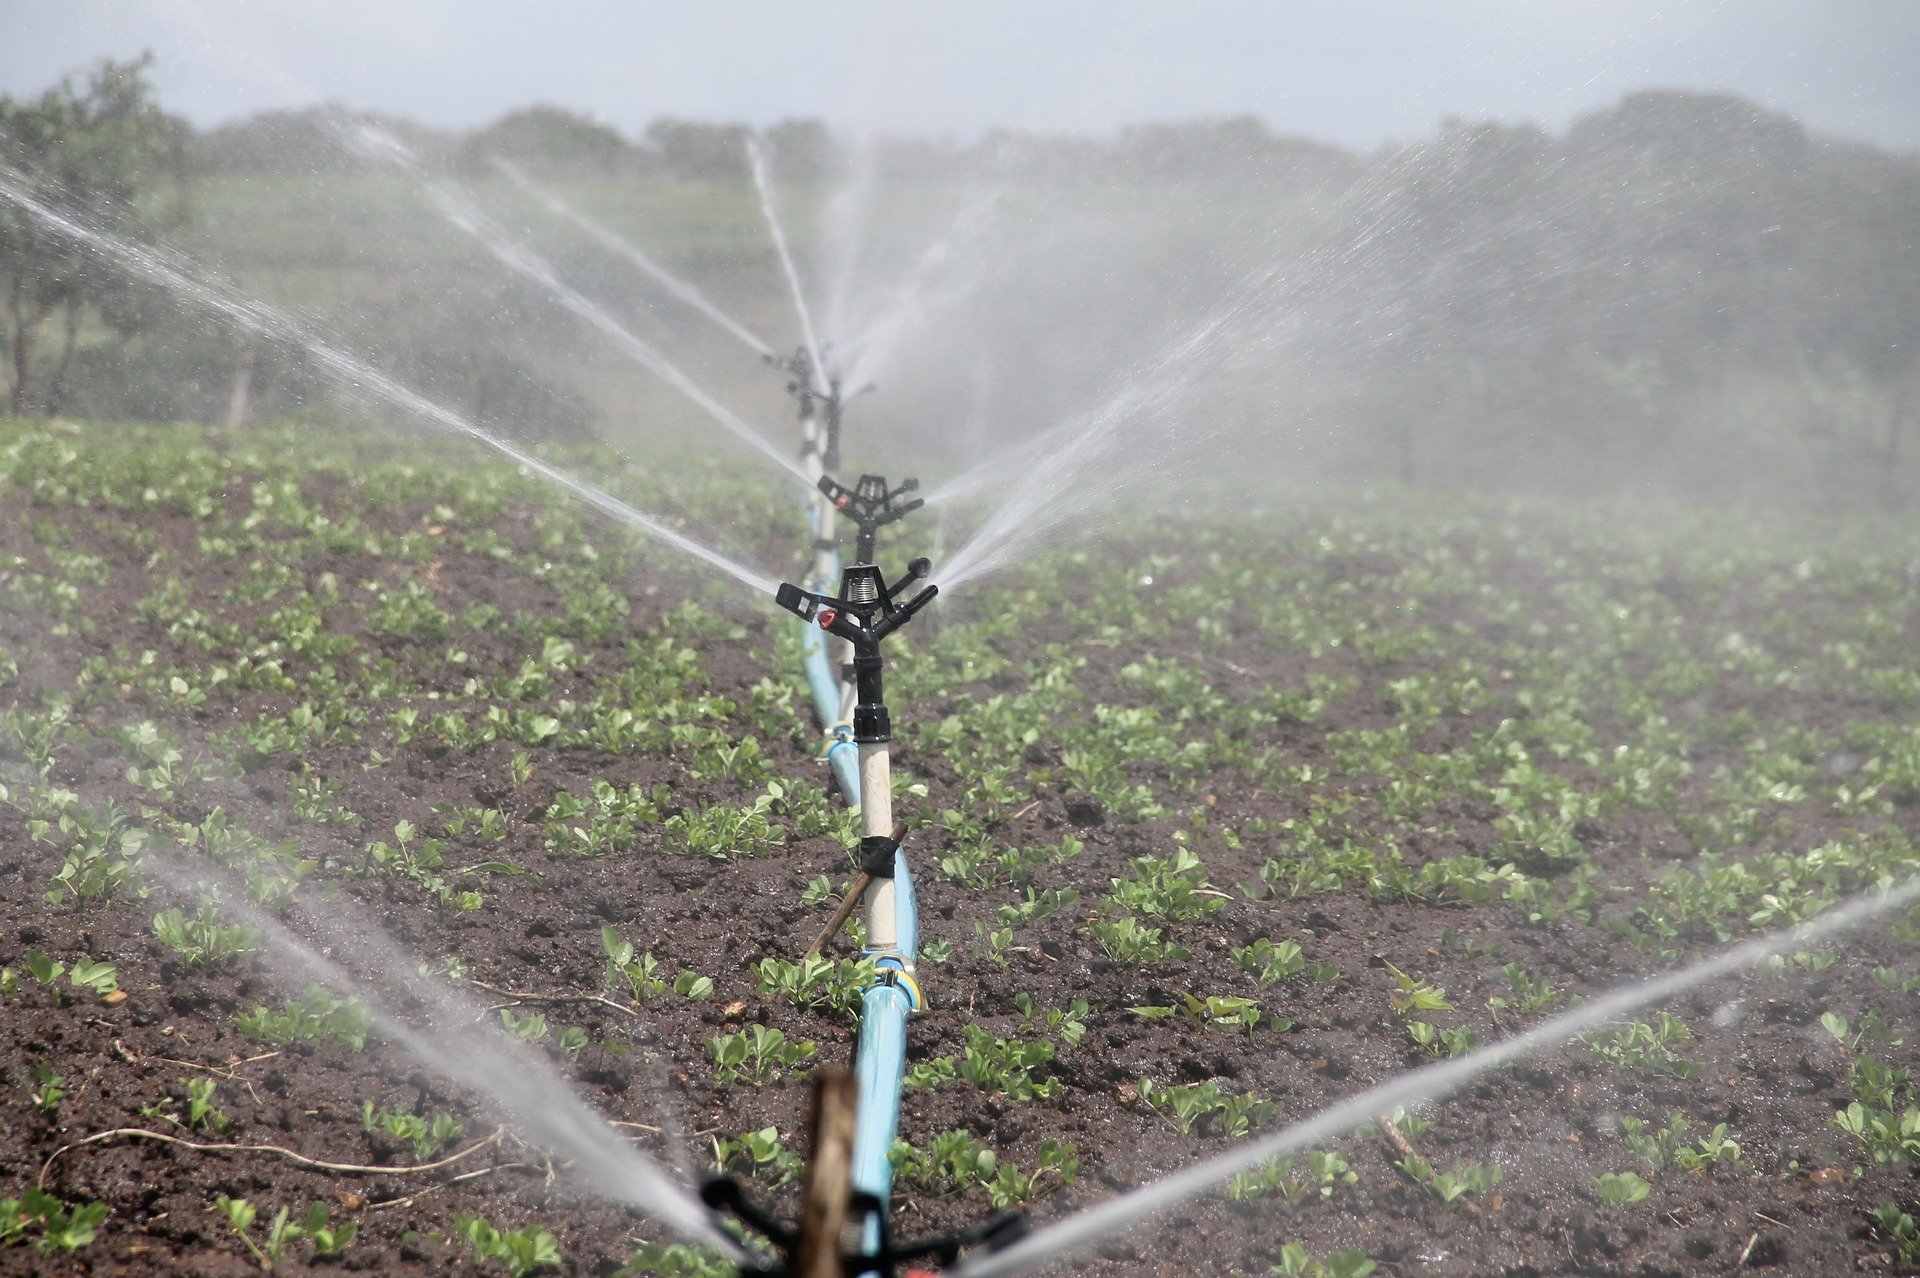 Wasser-Diebstahl in der Landwirtschaft – ein globales Problem